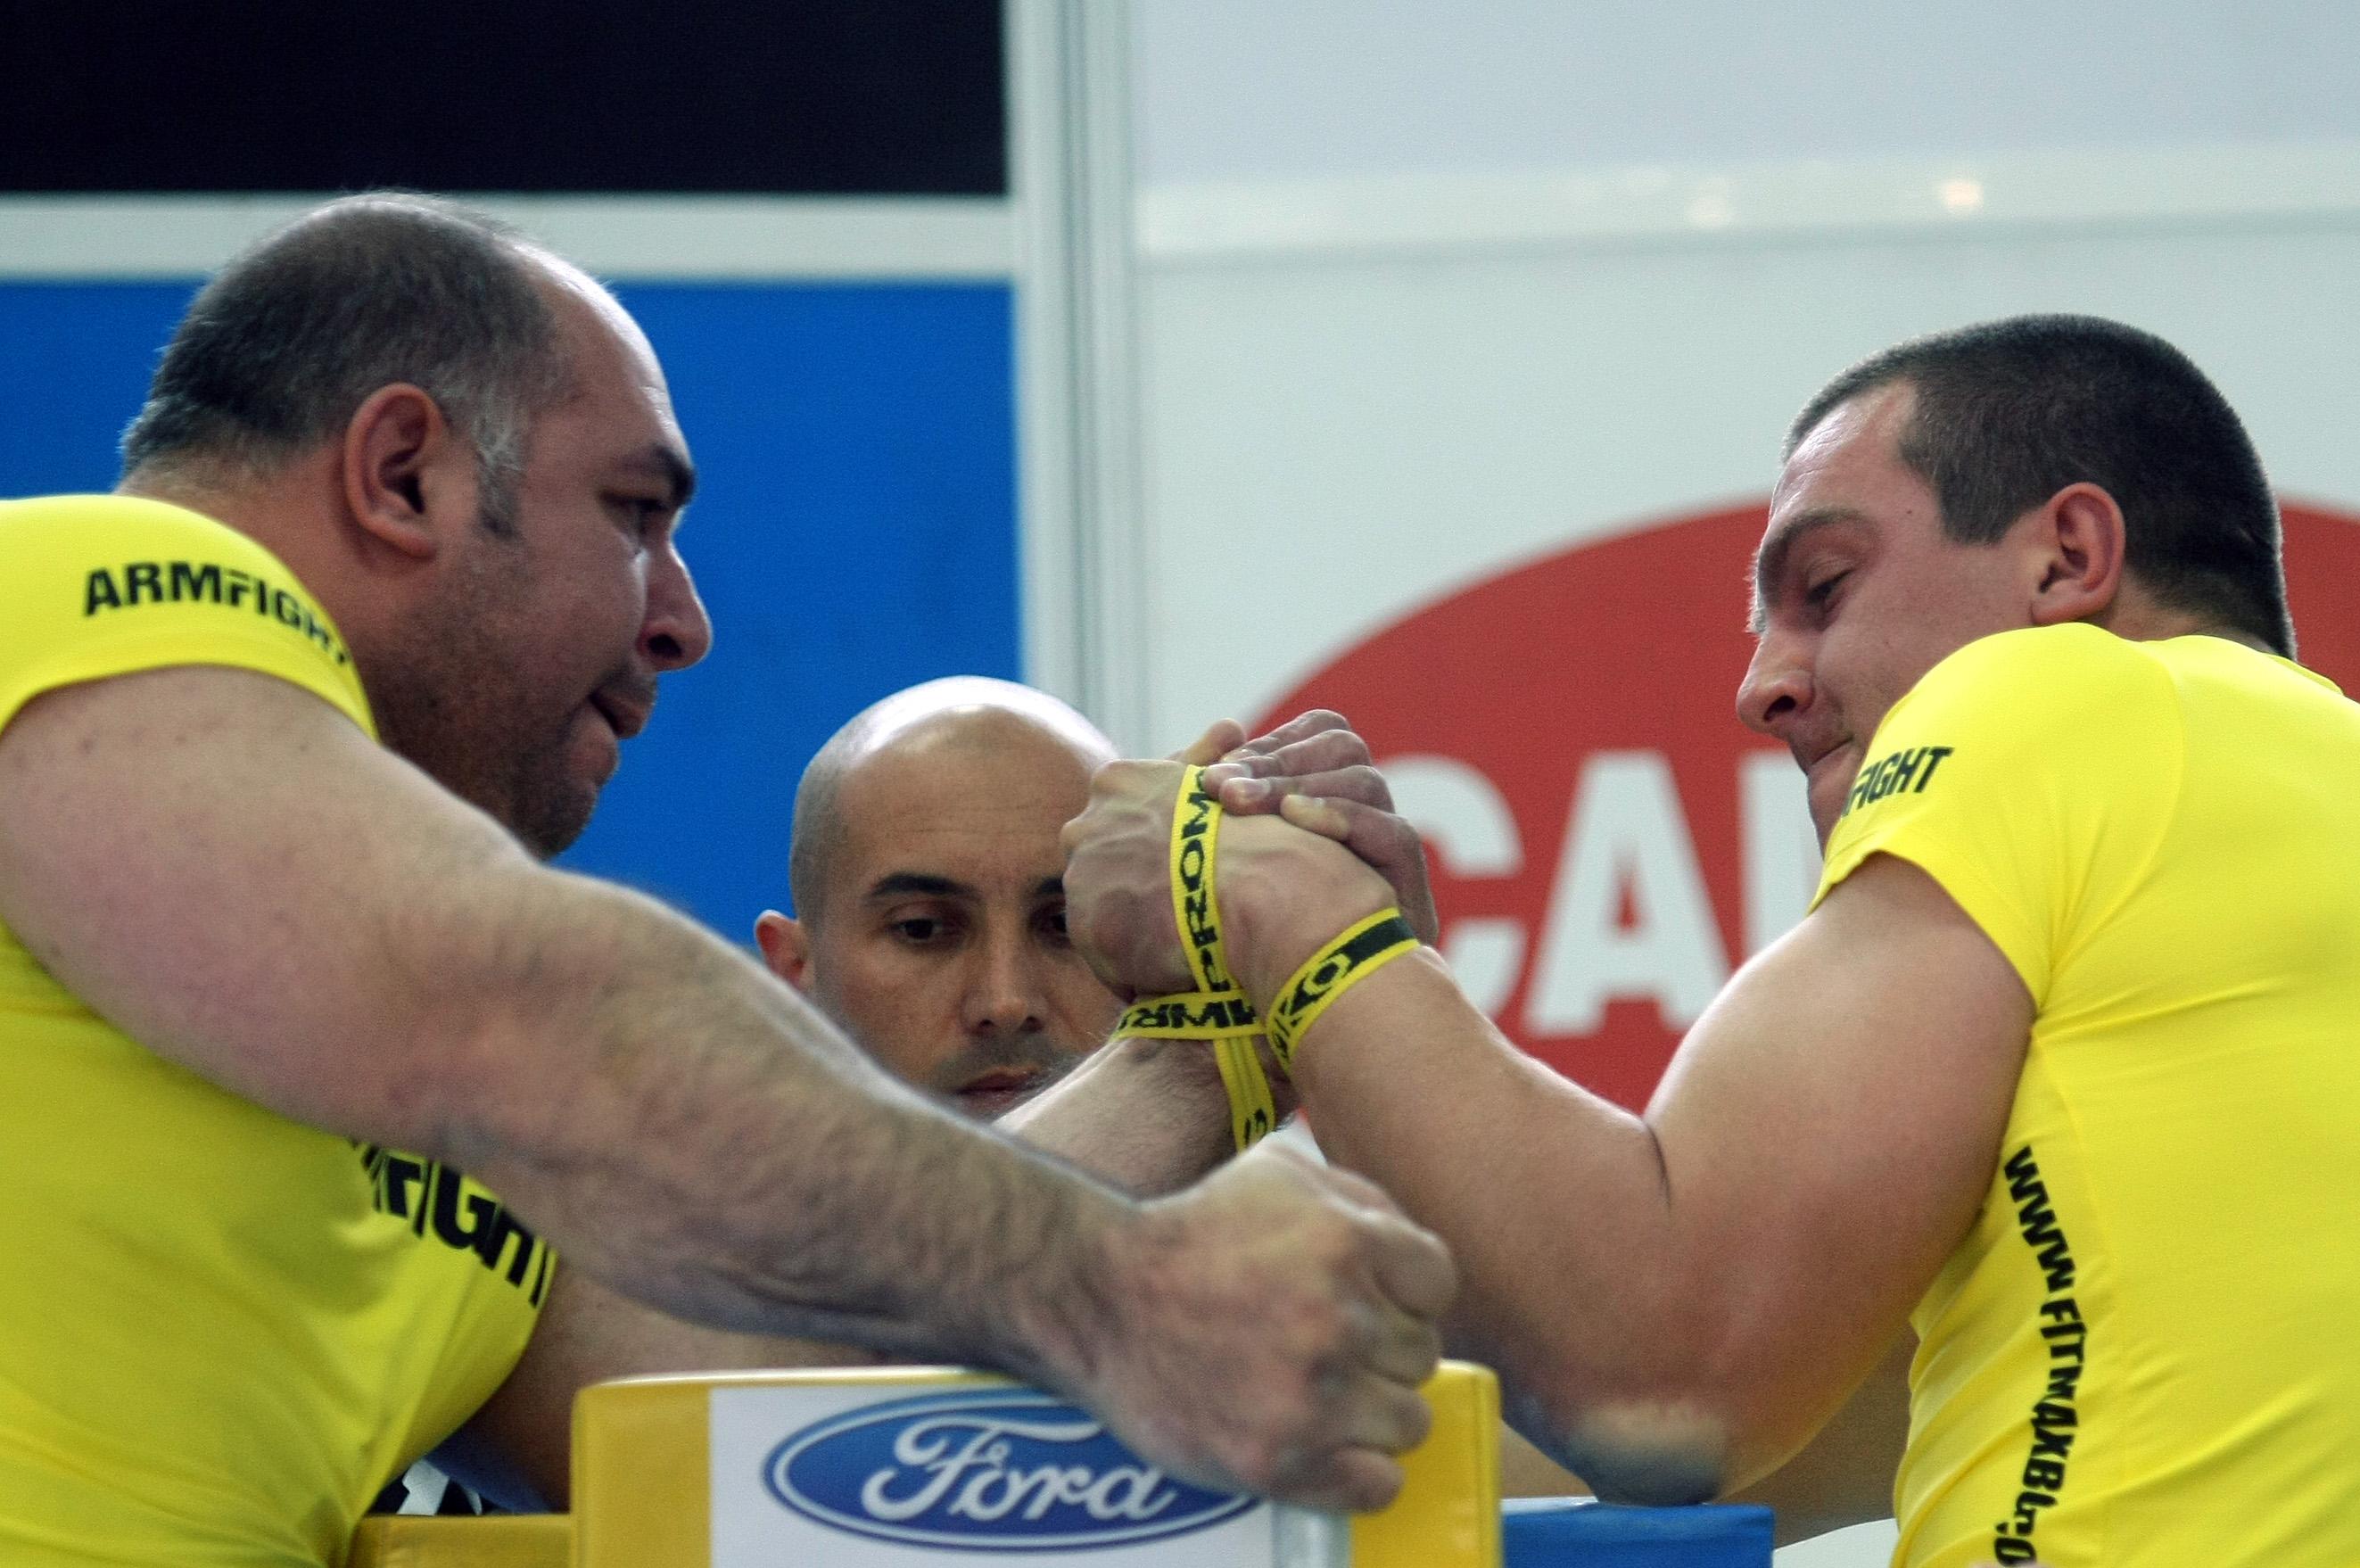 България с европейски шампион по канадска борба